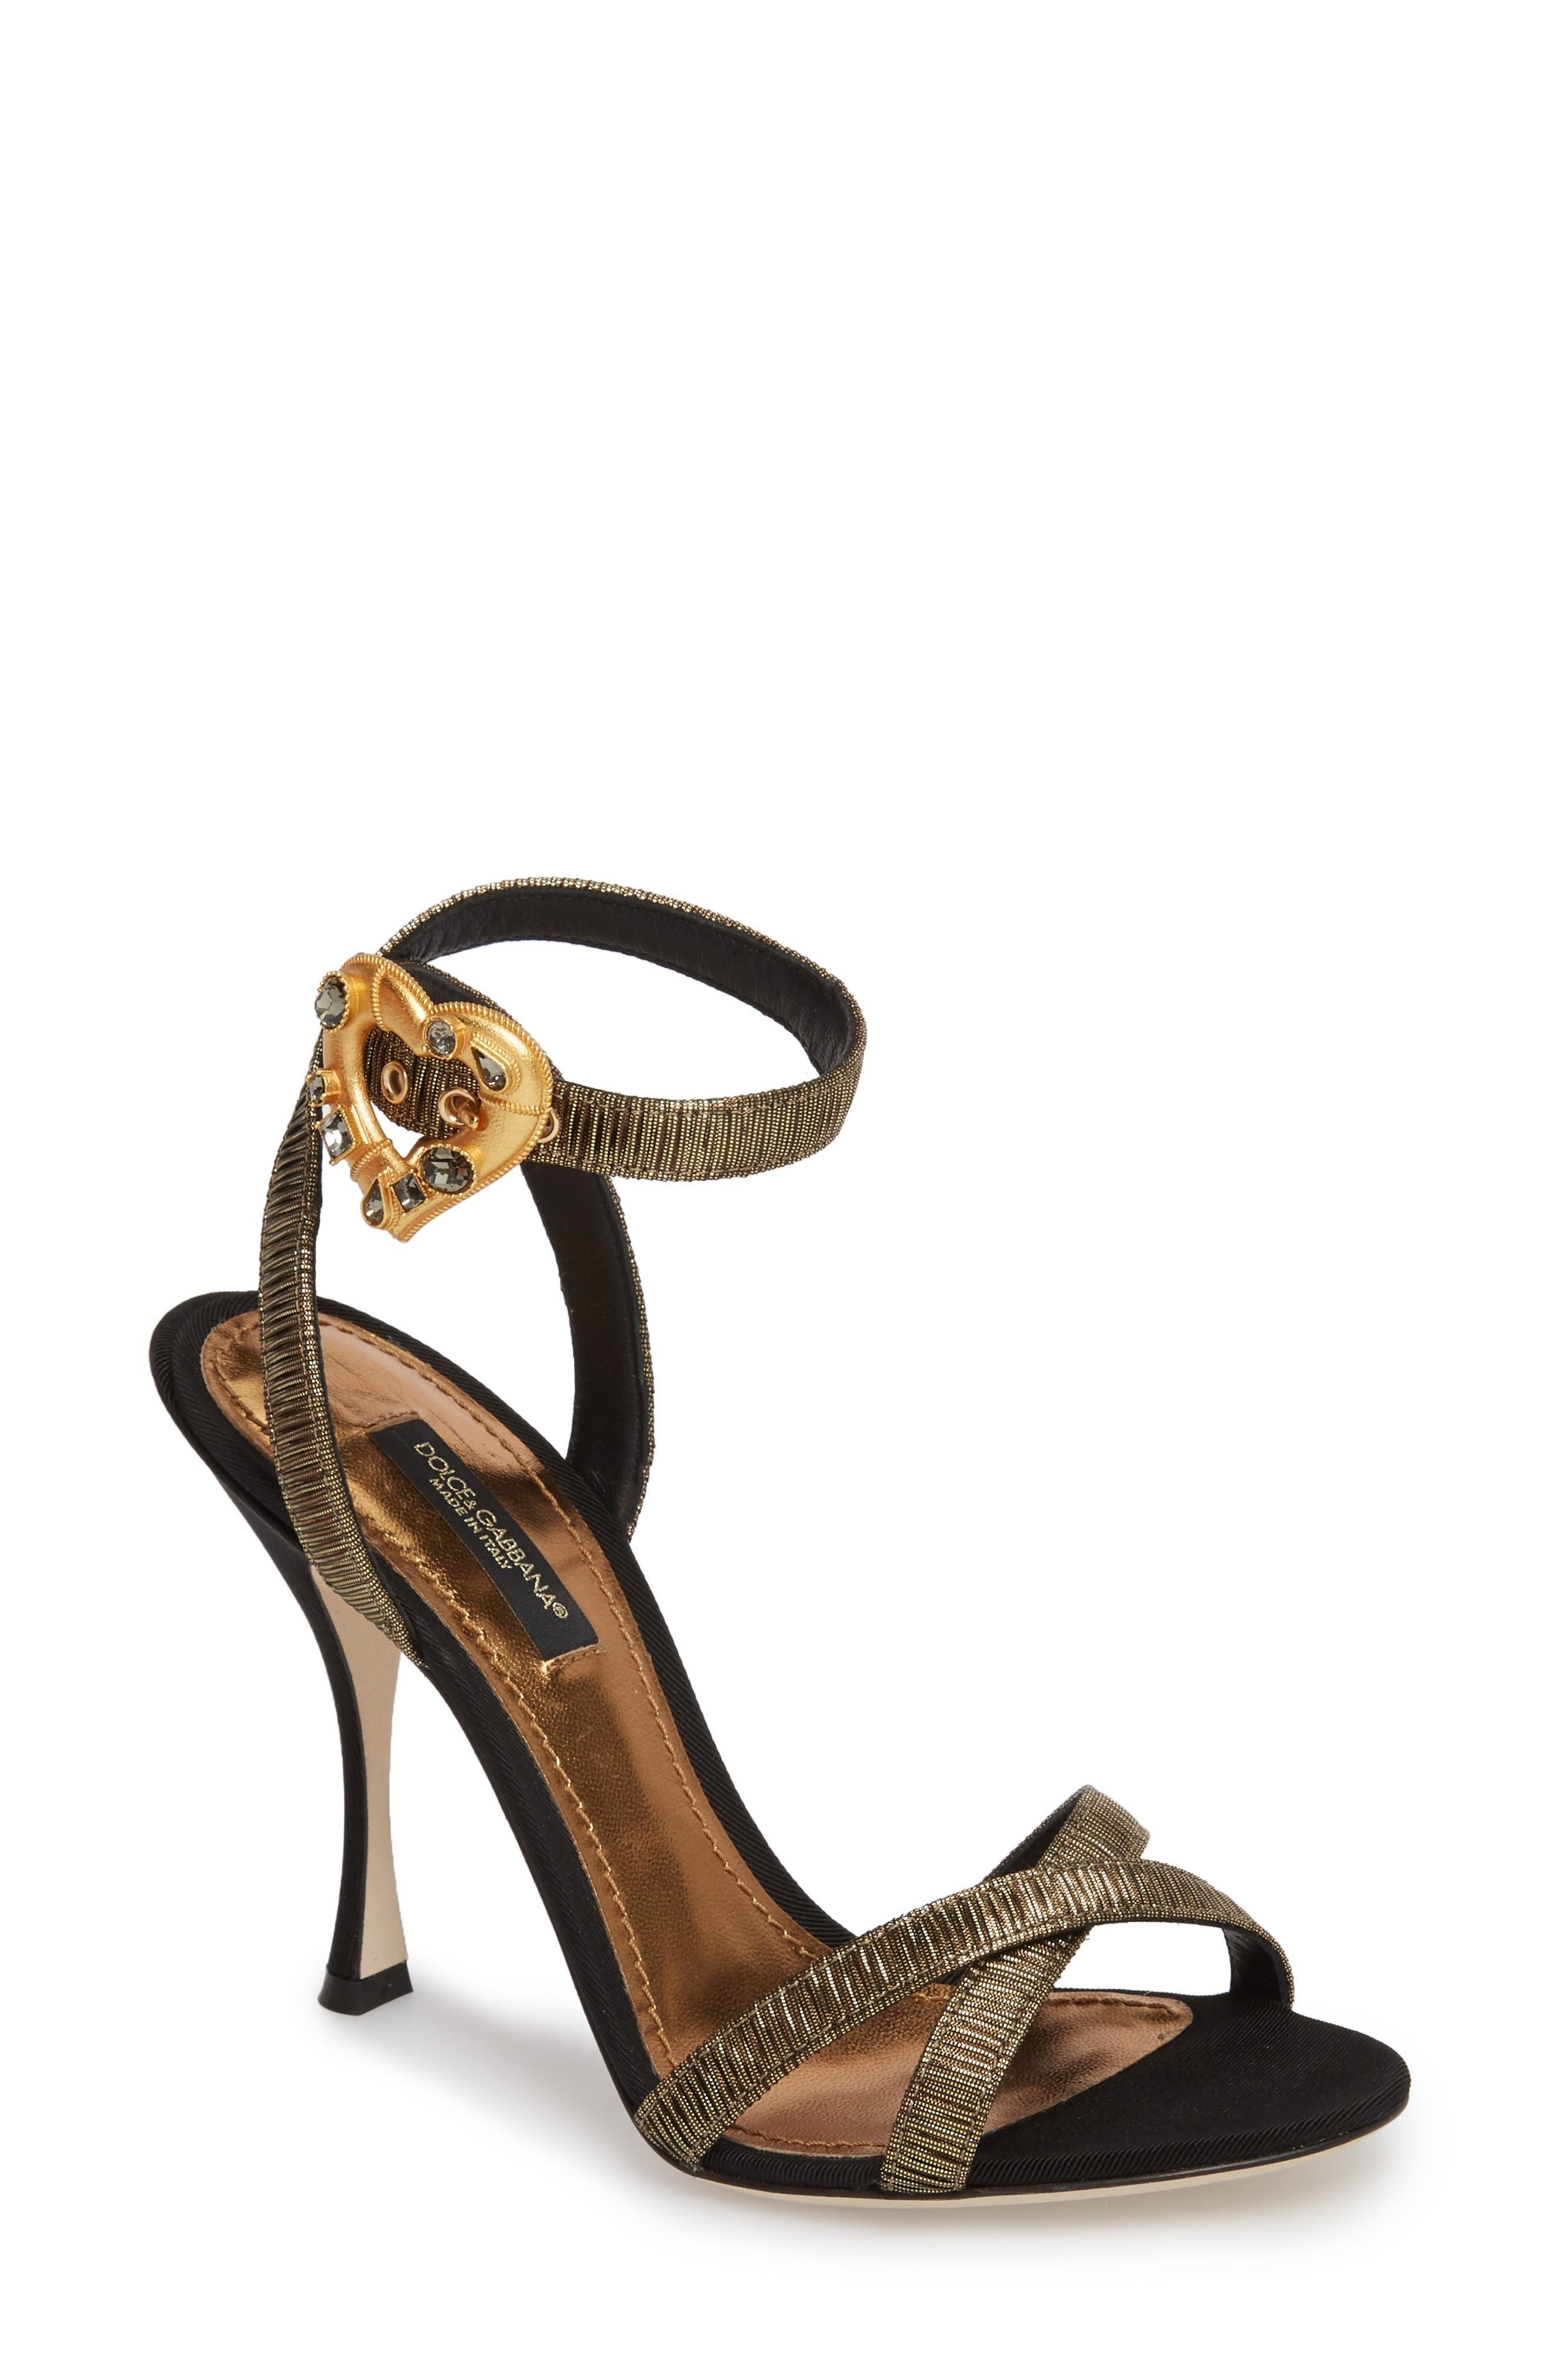 Dolce & Gabbana Ankle Strap Sandal In Silver/ Black